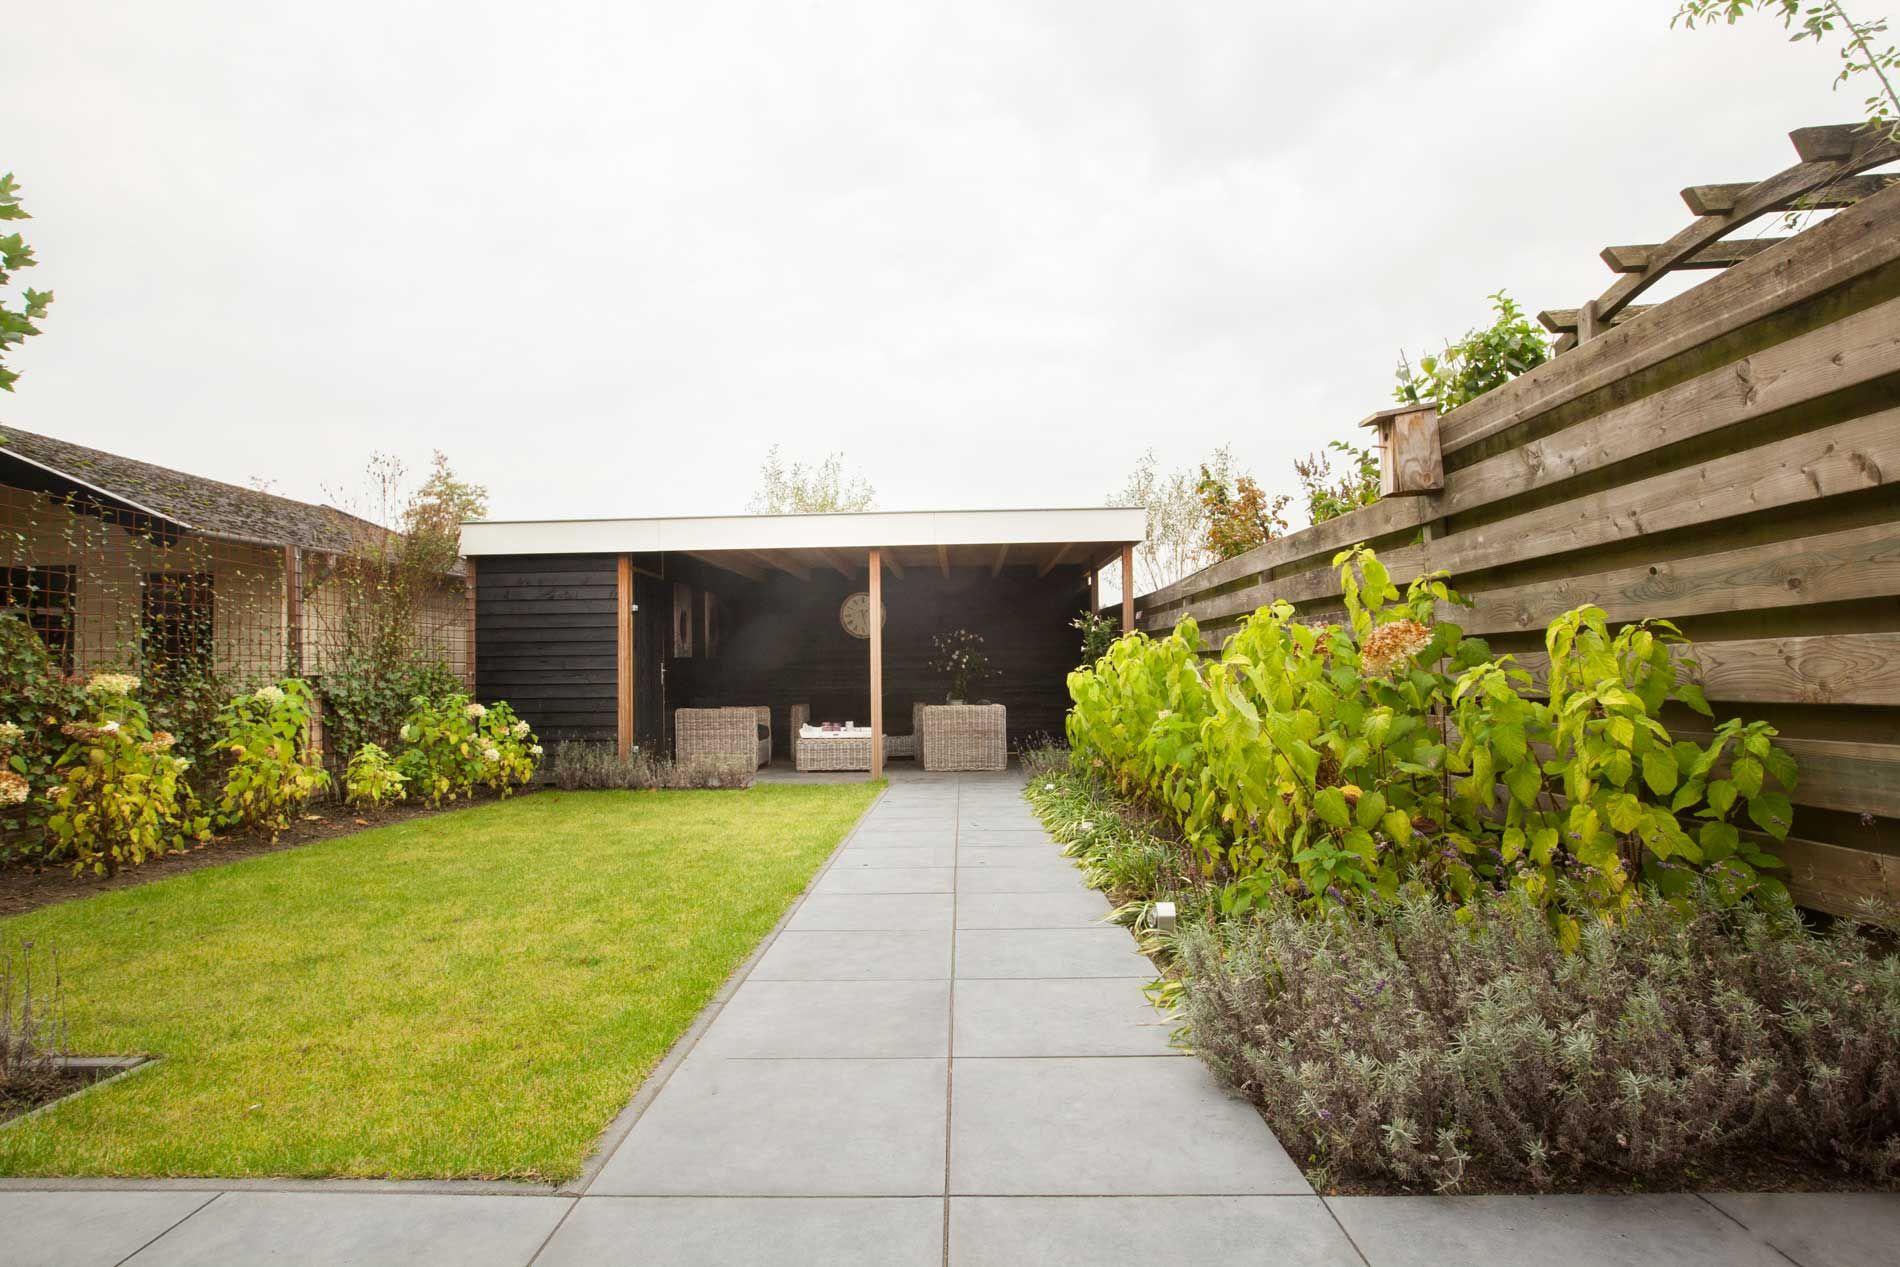 Rustige lijnen en een #gepotdekselde #overkapping waaronder heerlijk kan worden gezeten. #onderhoudsvrije #tuin | Heart for Gardens.